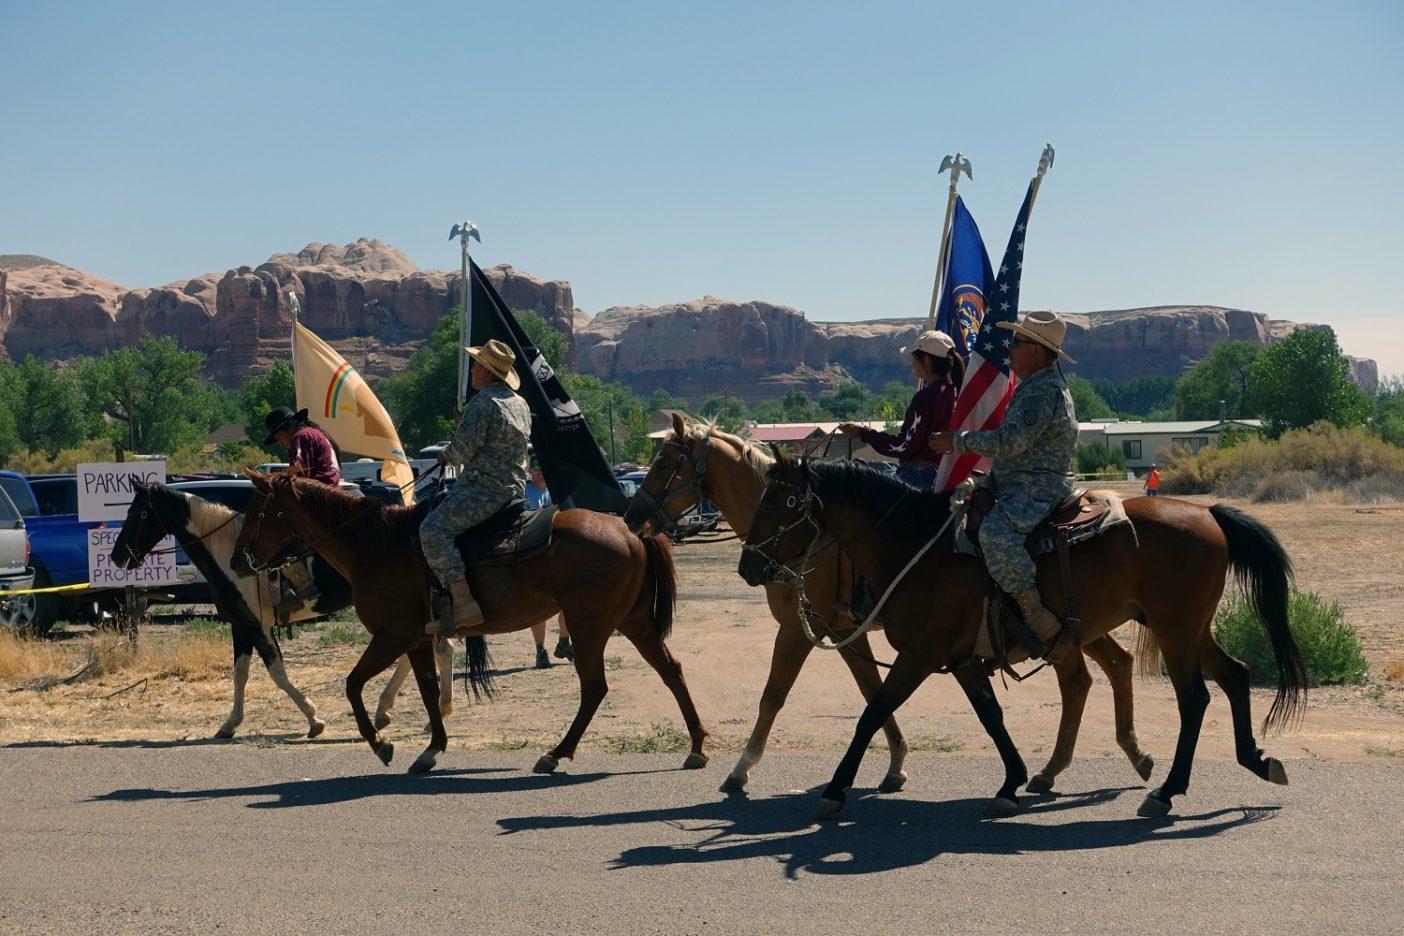 ベアーズ・イヤーズの〈インター・トライバル・コーリション〉からの退役軍人が馬に乗って参加。それは感情に訴える瞬間だった。Photo: Joe Ballandby